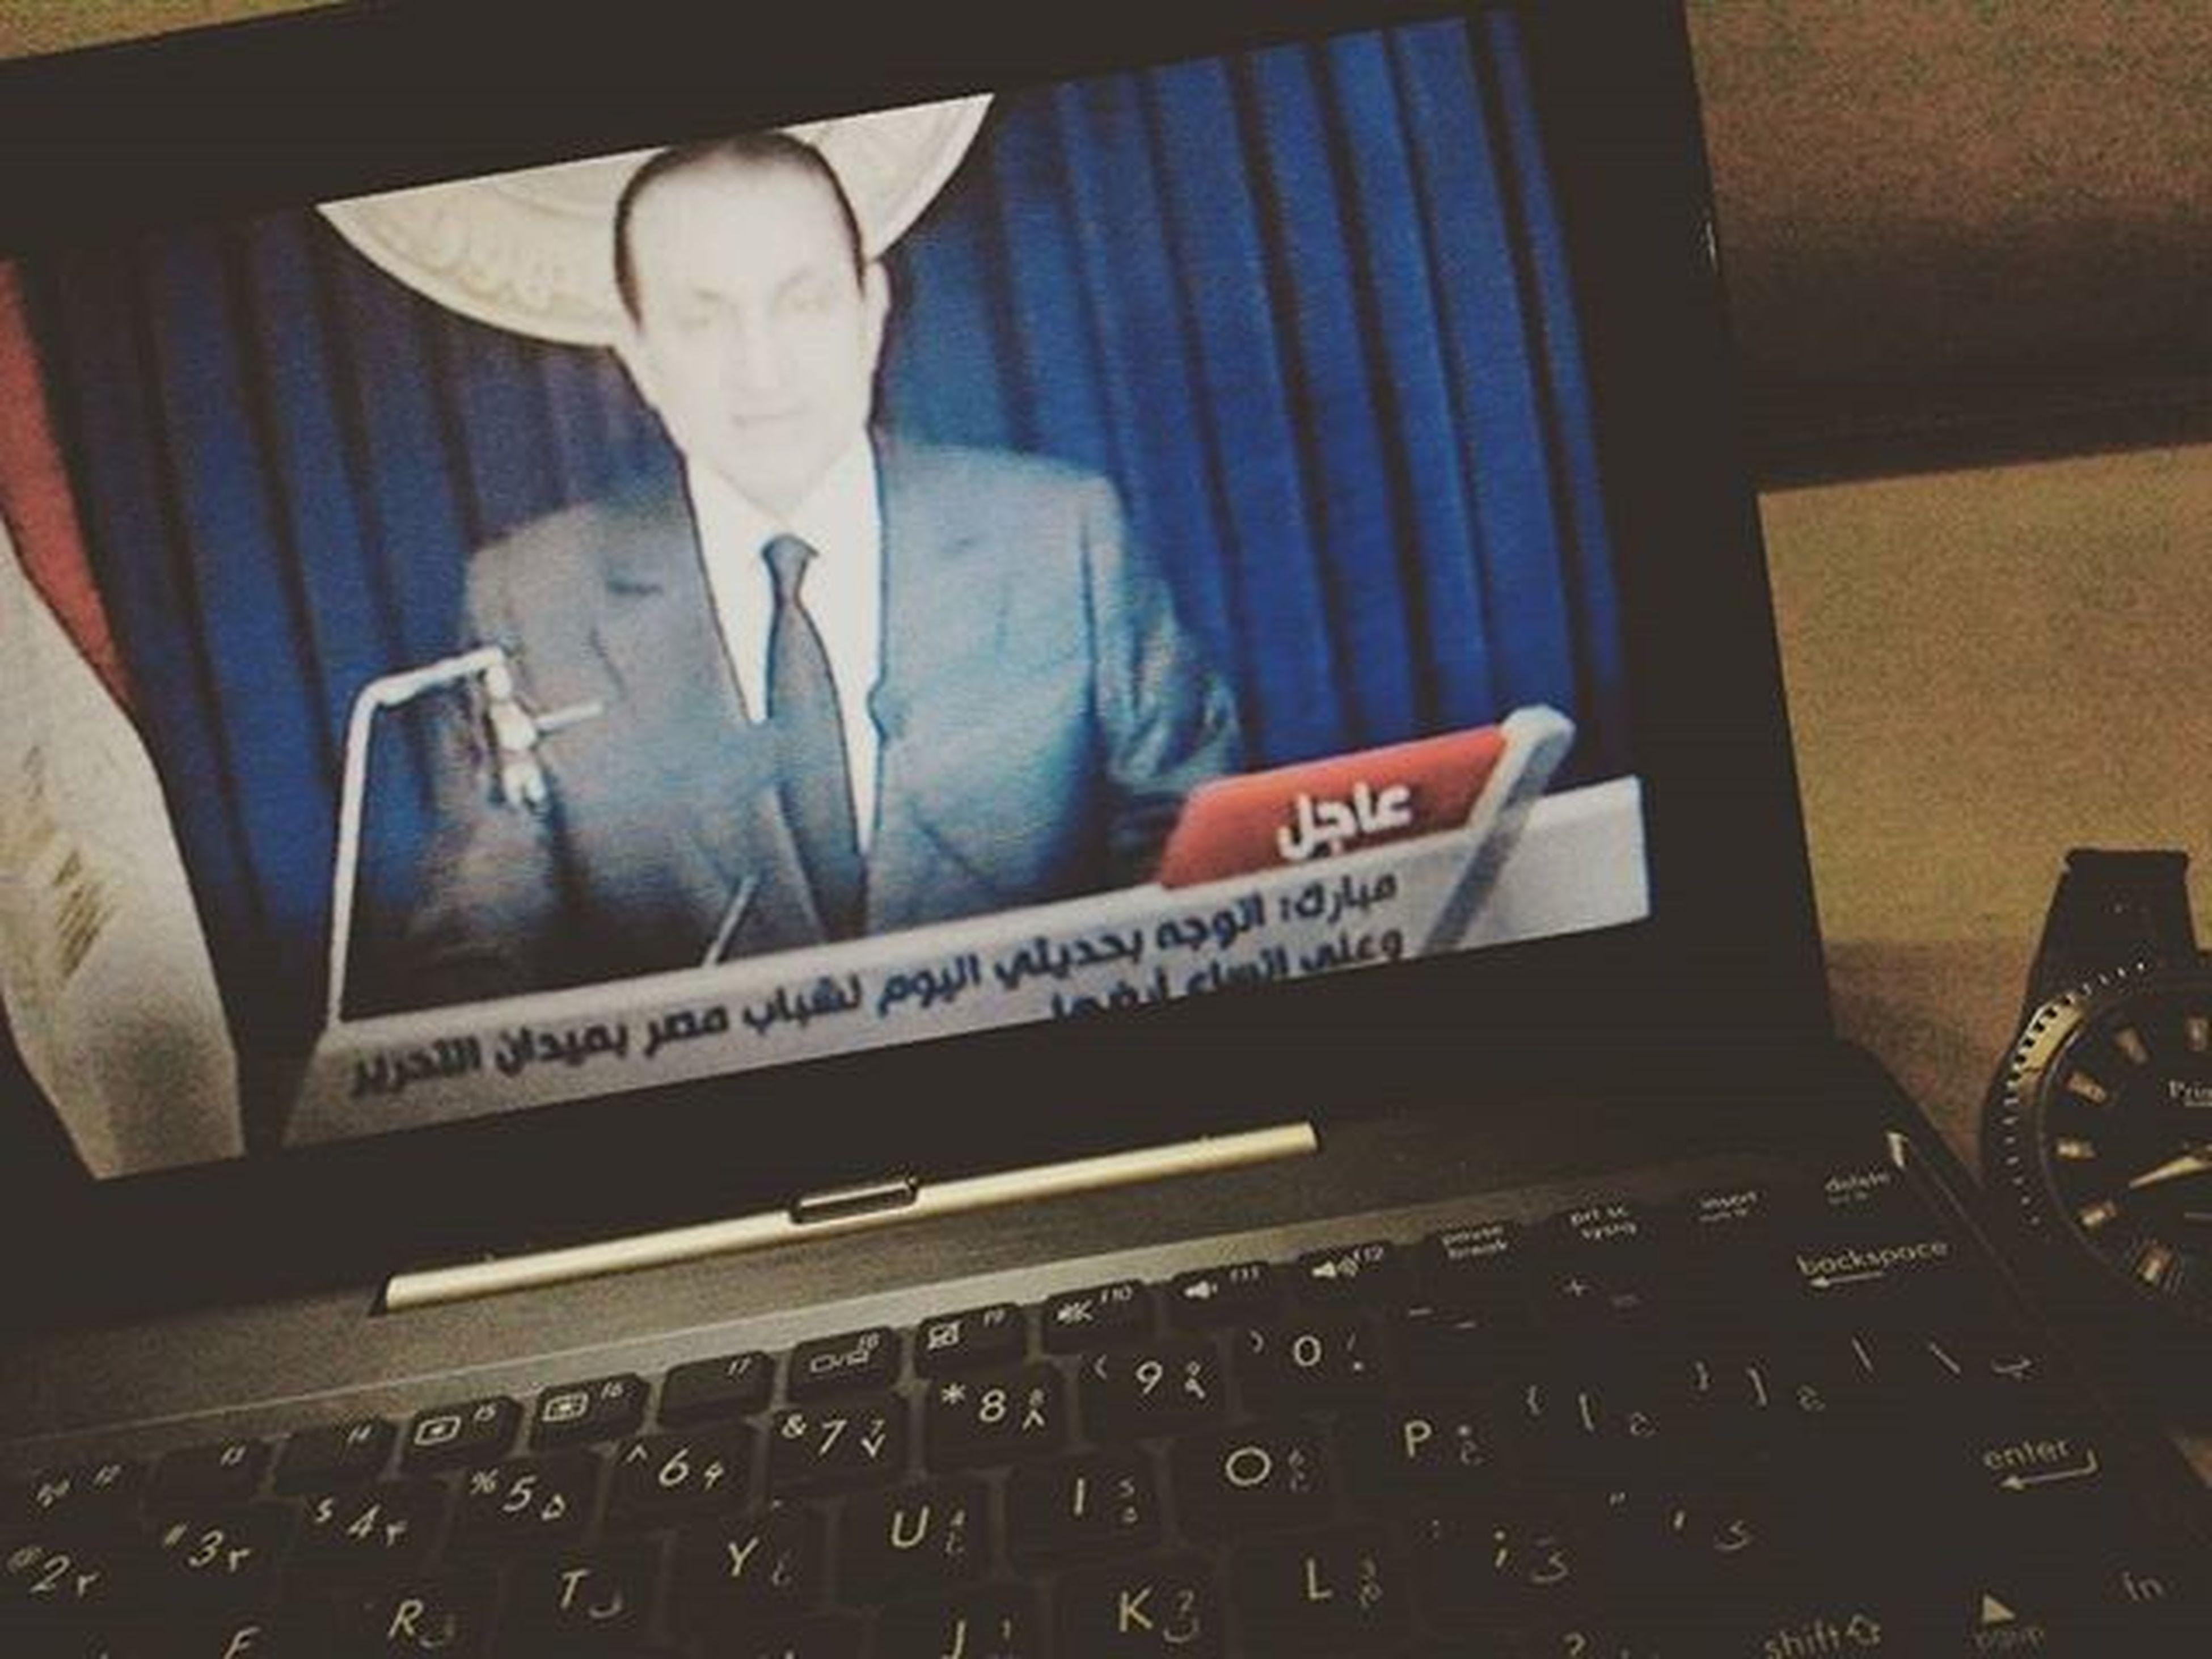 . . . . مصر و بازگشت روزهای سیاه . . . یادش بخیر چند سالیست که از آن بهمن پر بیم و امید می گذرد . . . در مصر غوغایی بود و دوستان من در کشورهای منطقه بصورت روزآمد اخبار تحولات را به اطلاعم می رسانند اما هیچکس فکر نمی کرد حسنی_مبارک رفتنی باشد ! حداکثر برآورد دوستان عرب ، افزایش انعطاف حاکمیت در برابر مخالفین مسلمان بود . . . با انتشار پیام سخنرانی قریب الوقوع رئیس جمهوری وقت مصر خطاب به انقلابیون میدان التحریر به سایت الجزیره مراجعه کردم تا در صورت شروع سخنرانی آن را از دست ندهم زیرا احتمال اعلام استعفای مبارک وجود داشت . . . خدا را شکر سرعت اینترنت یاری کرد به تماشای تصاویر زنده از میدان آزادی قاهره نشستم که دقایقی بعد ناگهان برنامه سخنرانی دیکتاتور مصر آغاز شد و وی با خونسردی کامل خطاب به مردم مصر سخن گفت و از برنامه هایش برای آینده مصر گفت . . . جالب اینکه در پایان تاکید کرد به هیچ وجهه تسلیم فشارهای خارجی برای کناره گیری از قدرت نخواهد شد !!! . . . شنیدن این جمله از وی احتمال هر گونه کناره گیری داوطلبانه وی را منتفی کرد و یادم نمی رود در پی آن سکوتی در میدان تحریر حکم فرما شد . . . اما اندکی بعد فریادها به آسمان بلند شد و . . . خوشبختانه ساعاتی نگذشته بود عمر سلیمان معاون و رئیس سرویس اطلاعاتی مبارک بر صفحه تلویزیون ظاهر شد و با اعلام واگذاری امور حاکمیت به شورای عالی نظامی زمینه قرار گرفتن امور در دست ژنرال طنطاوی مهیا نمود . الیته در اخبار ویژه هم اعلام شد حسنی مبارک با هلیکوپتر به مقصدی نامعلوم رهسپار شده است . . . پی نوشت : امروز انتخابات پارلمان ملی مصر شروع شد که بنا بر گزارشها بدلیل فضای بسته سیاسی تنها ضریب مشارکت در آن ۵ درصد اعلام شده است که در پی شنیدن این خبر ساعتی را به تماشای مستند_المیدان و داستان جوانان مسلمان و مبارز مصری نشستم . . . شاید بعدا بیشتر به این مستند مصری پرداختم . . .